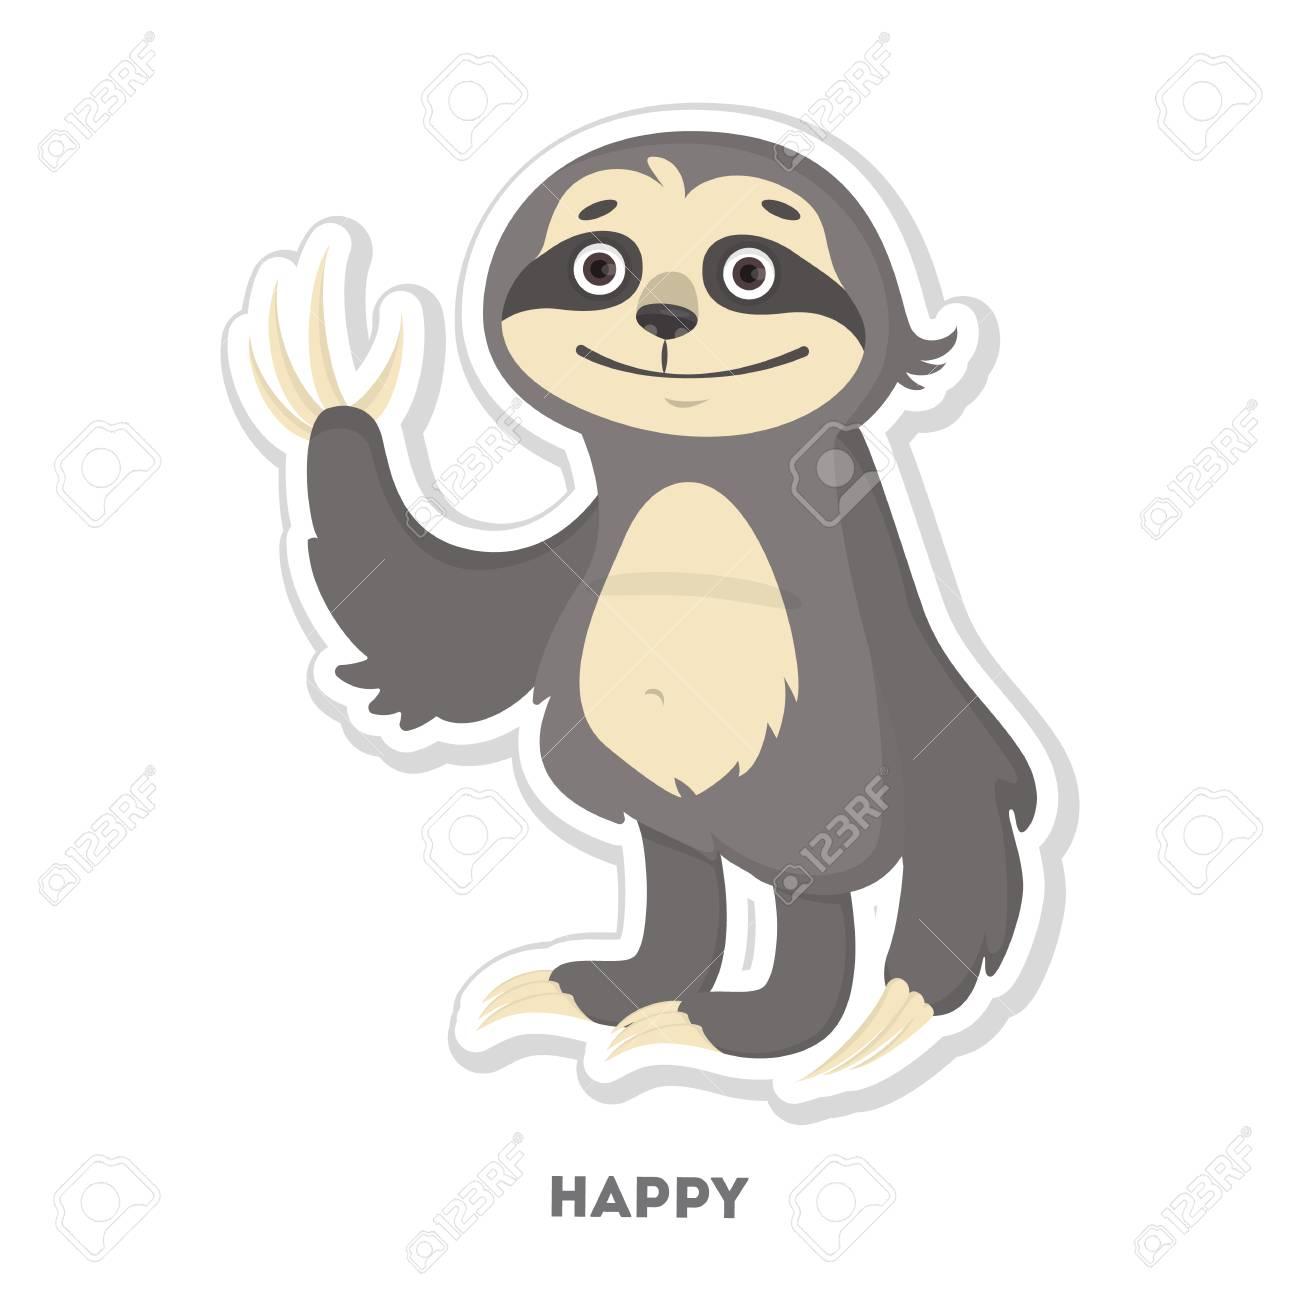 Happy sloth sticker isolated funny cartoon character stock vector 92631015